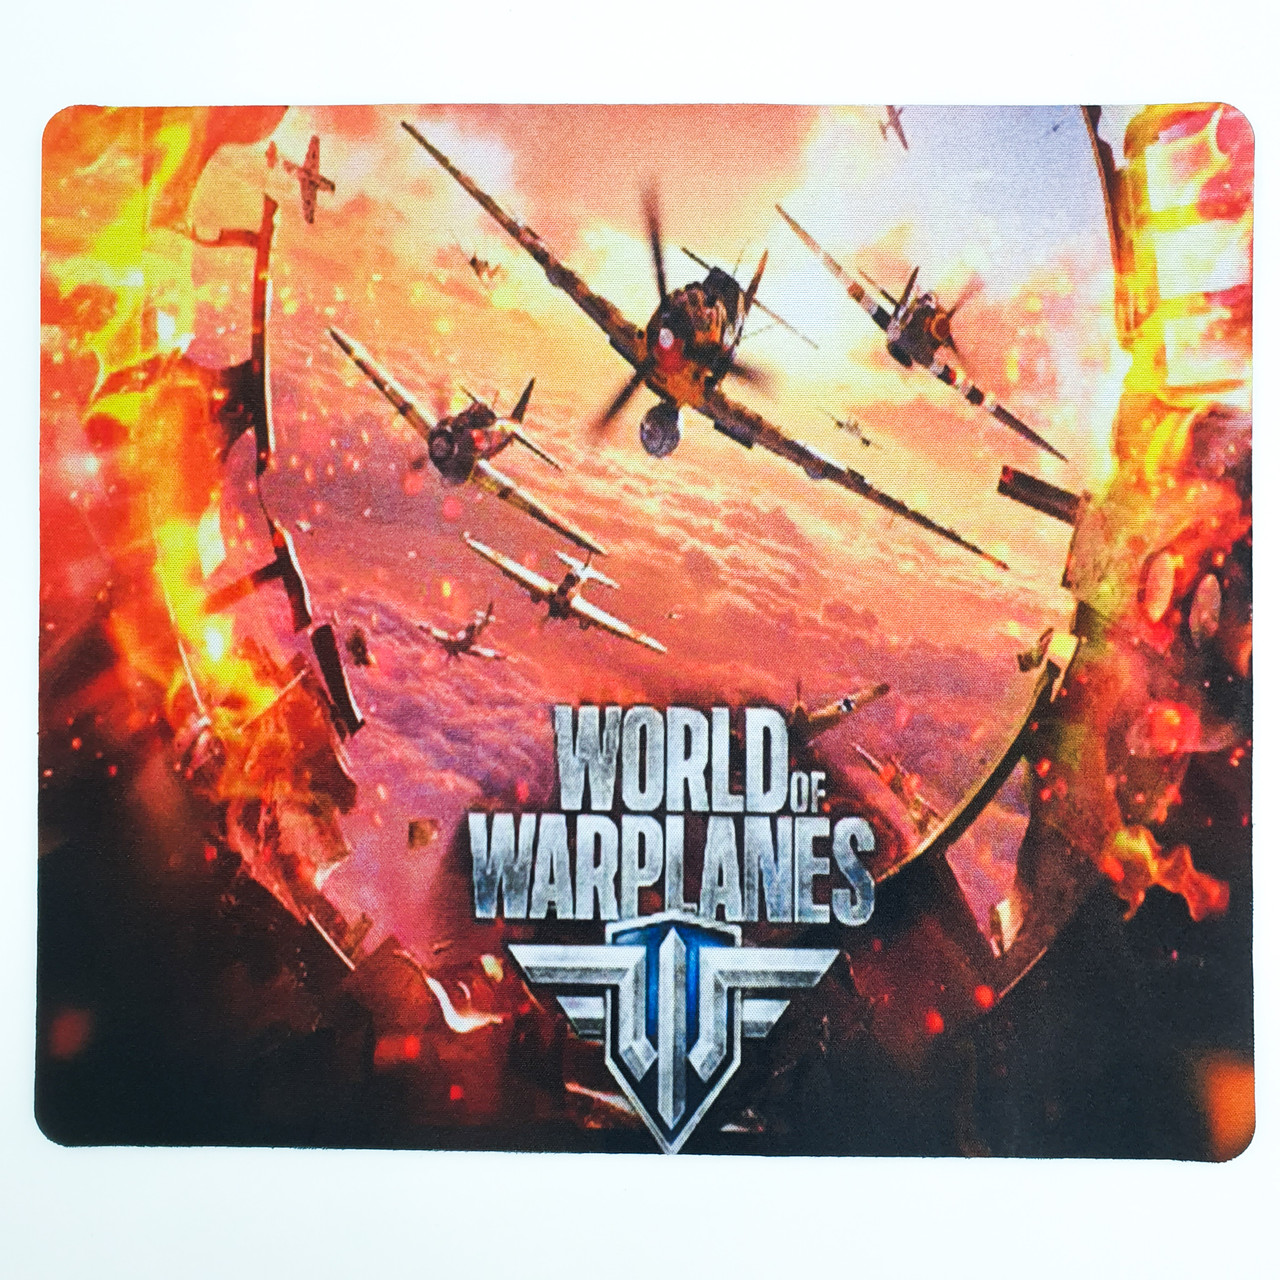 Ігрова поверхня килимок для миші 24x32x0.3 см World of warplanes №3